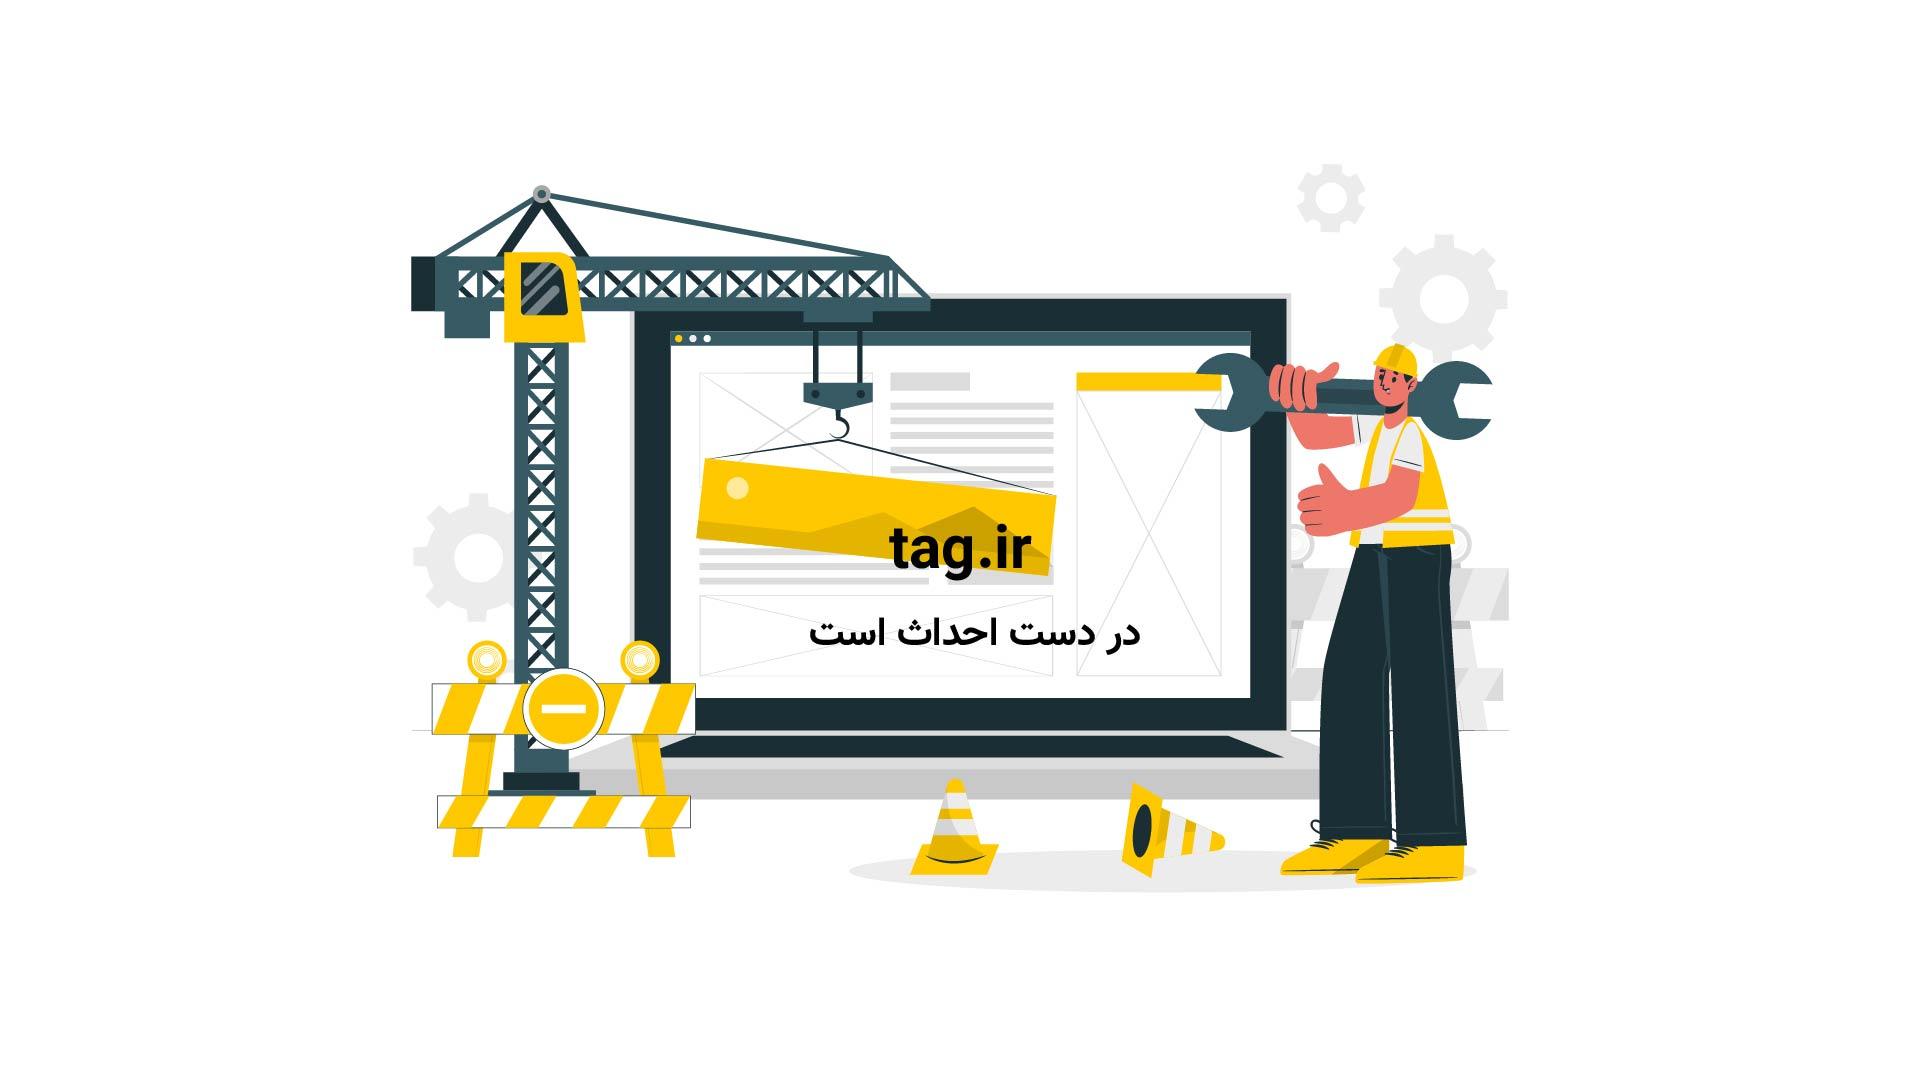 فیلم آتش سوزی در هواپیمای شرکت هوایی امارات دبی